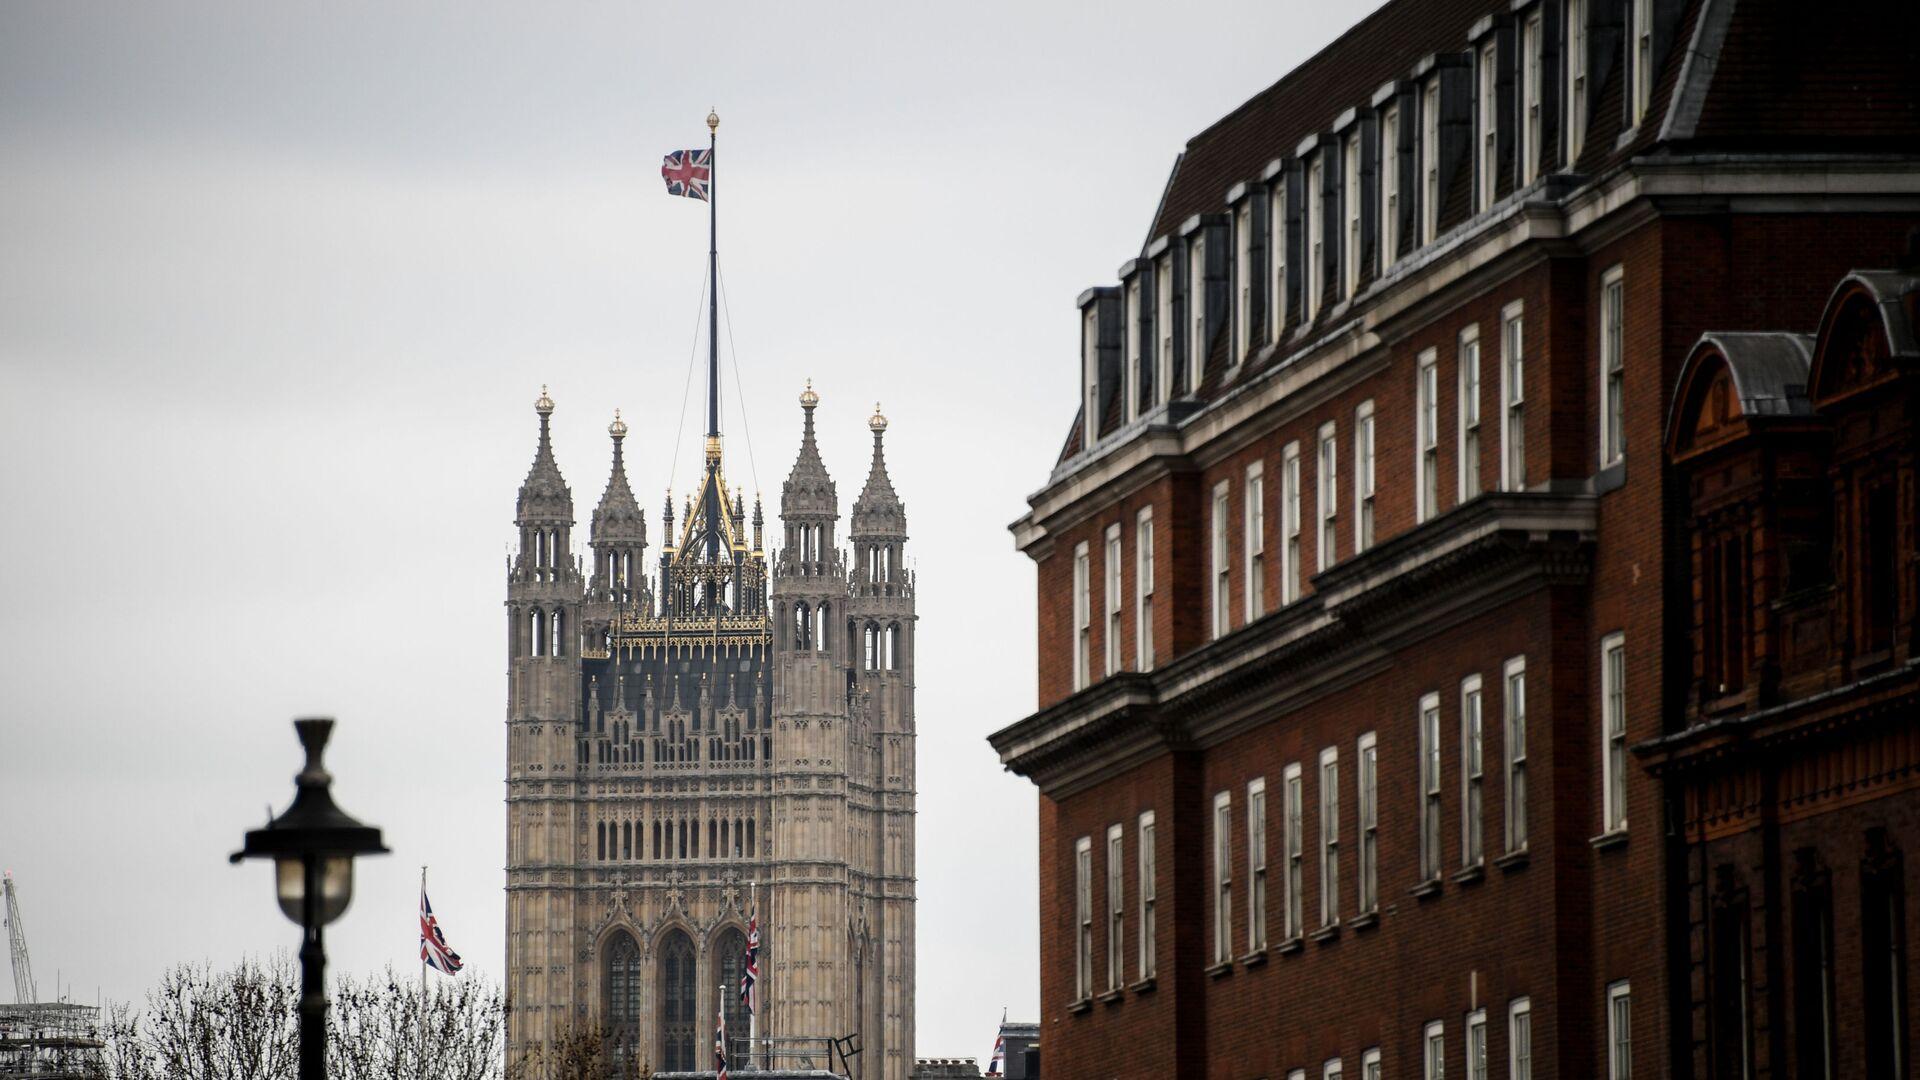 Il Palazzo di Westminster a Londra, dove si riunisce il Parlamento del Regno Unito - Sputnik Italia, 1920, 11.02.2021